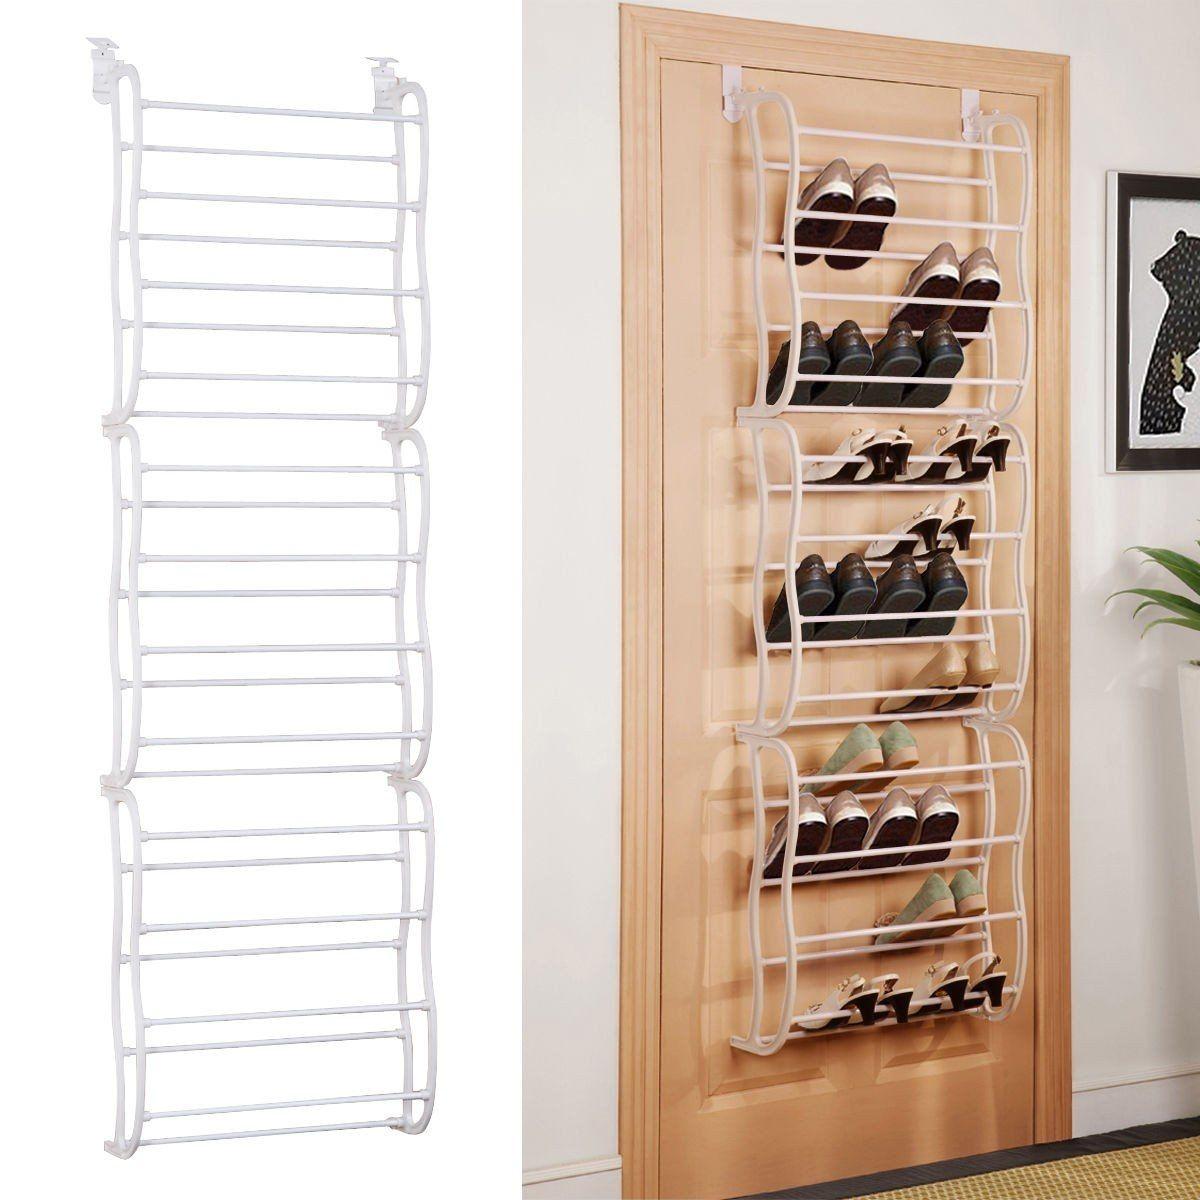 Rack Cool Over The Door Shoe Storage Solutions